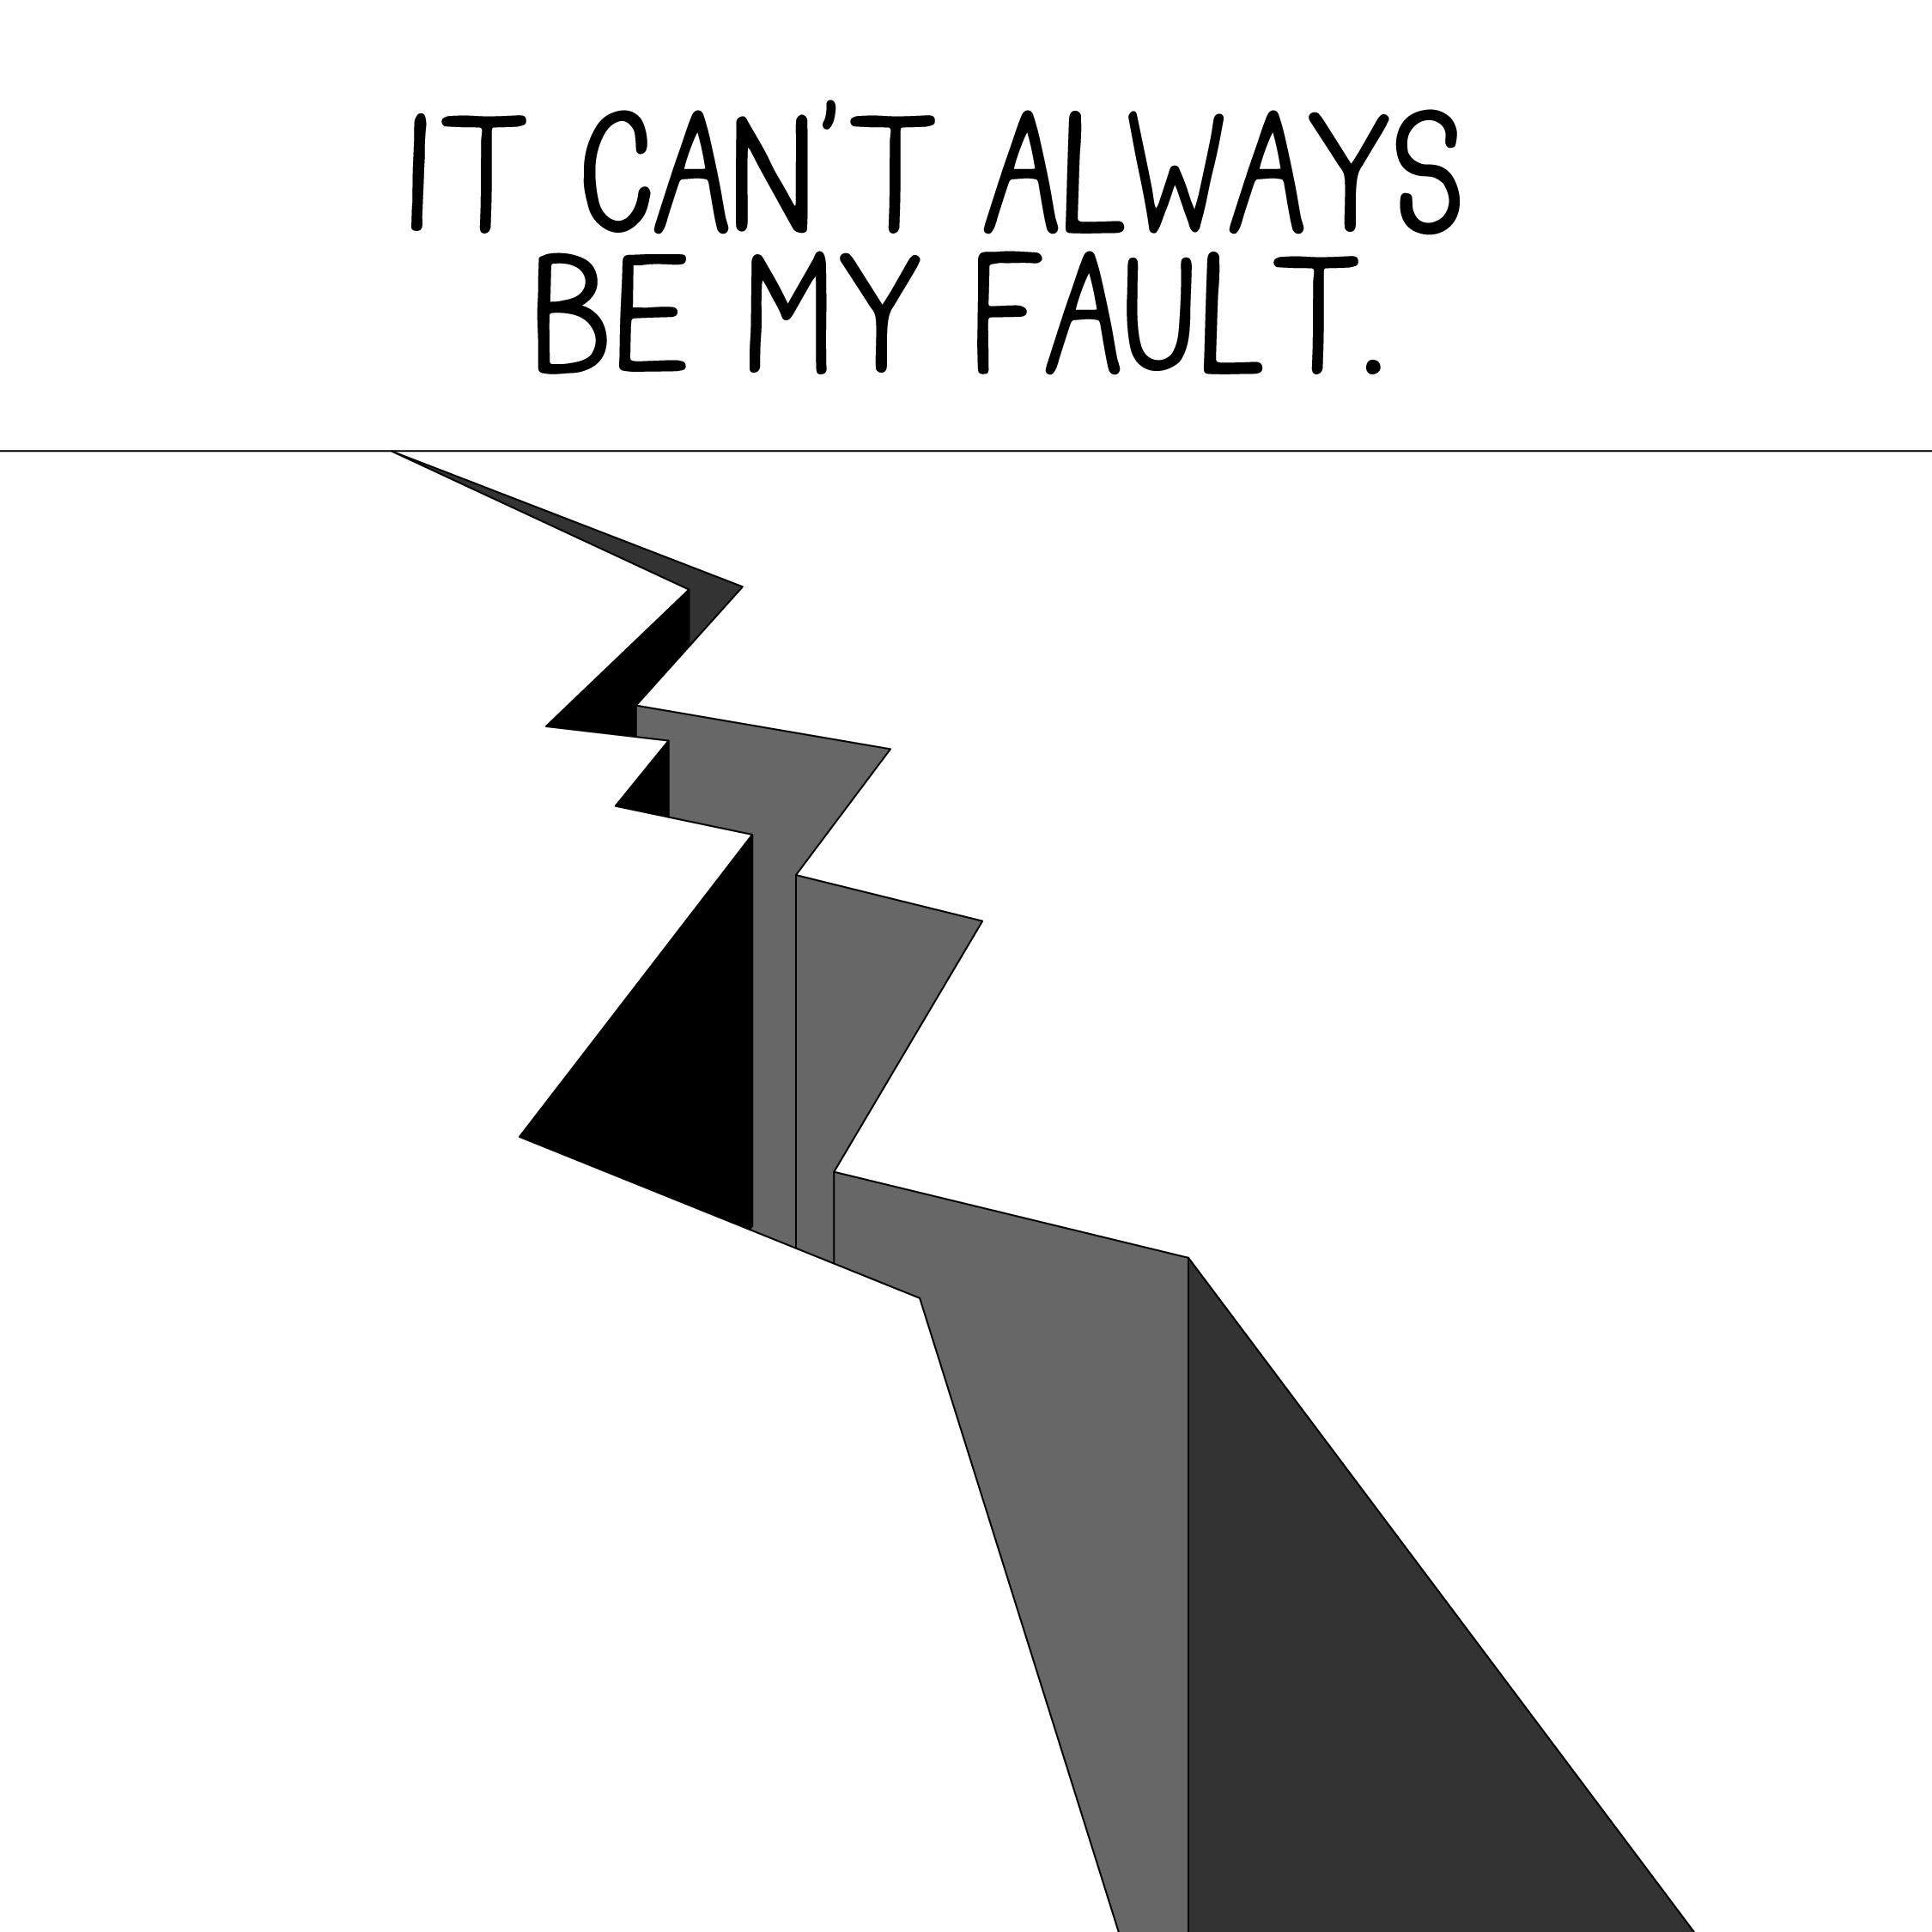 fault-01.jpg